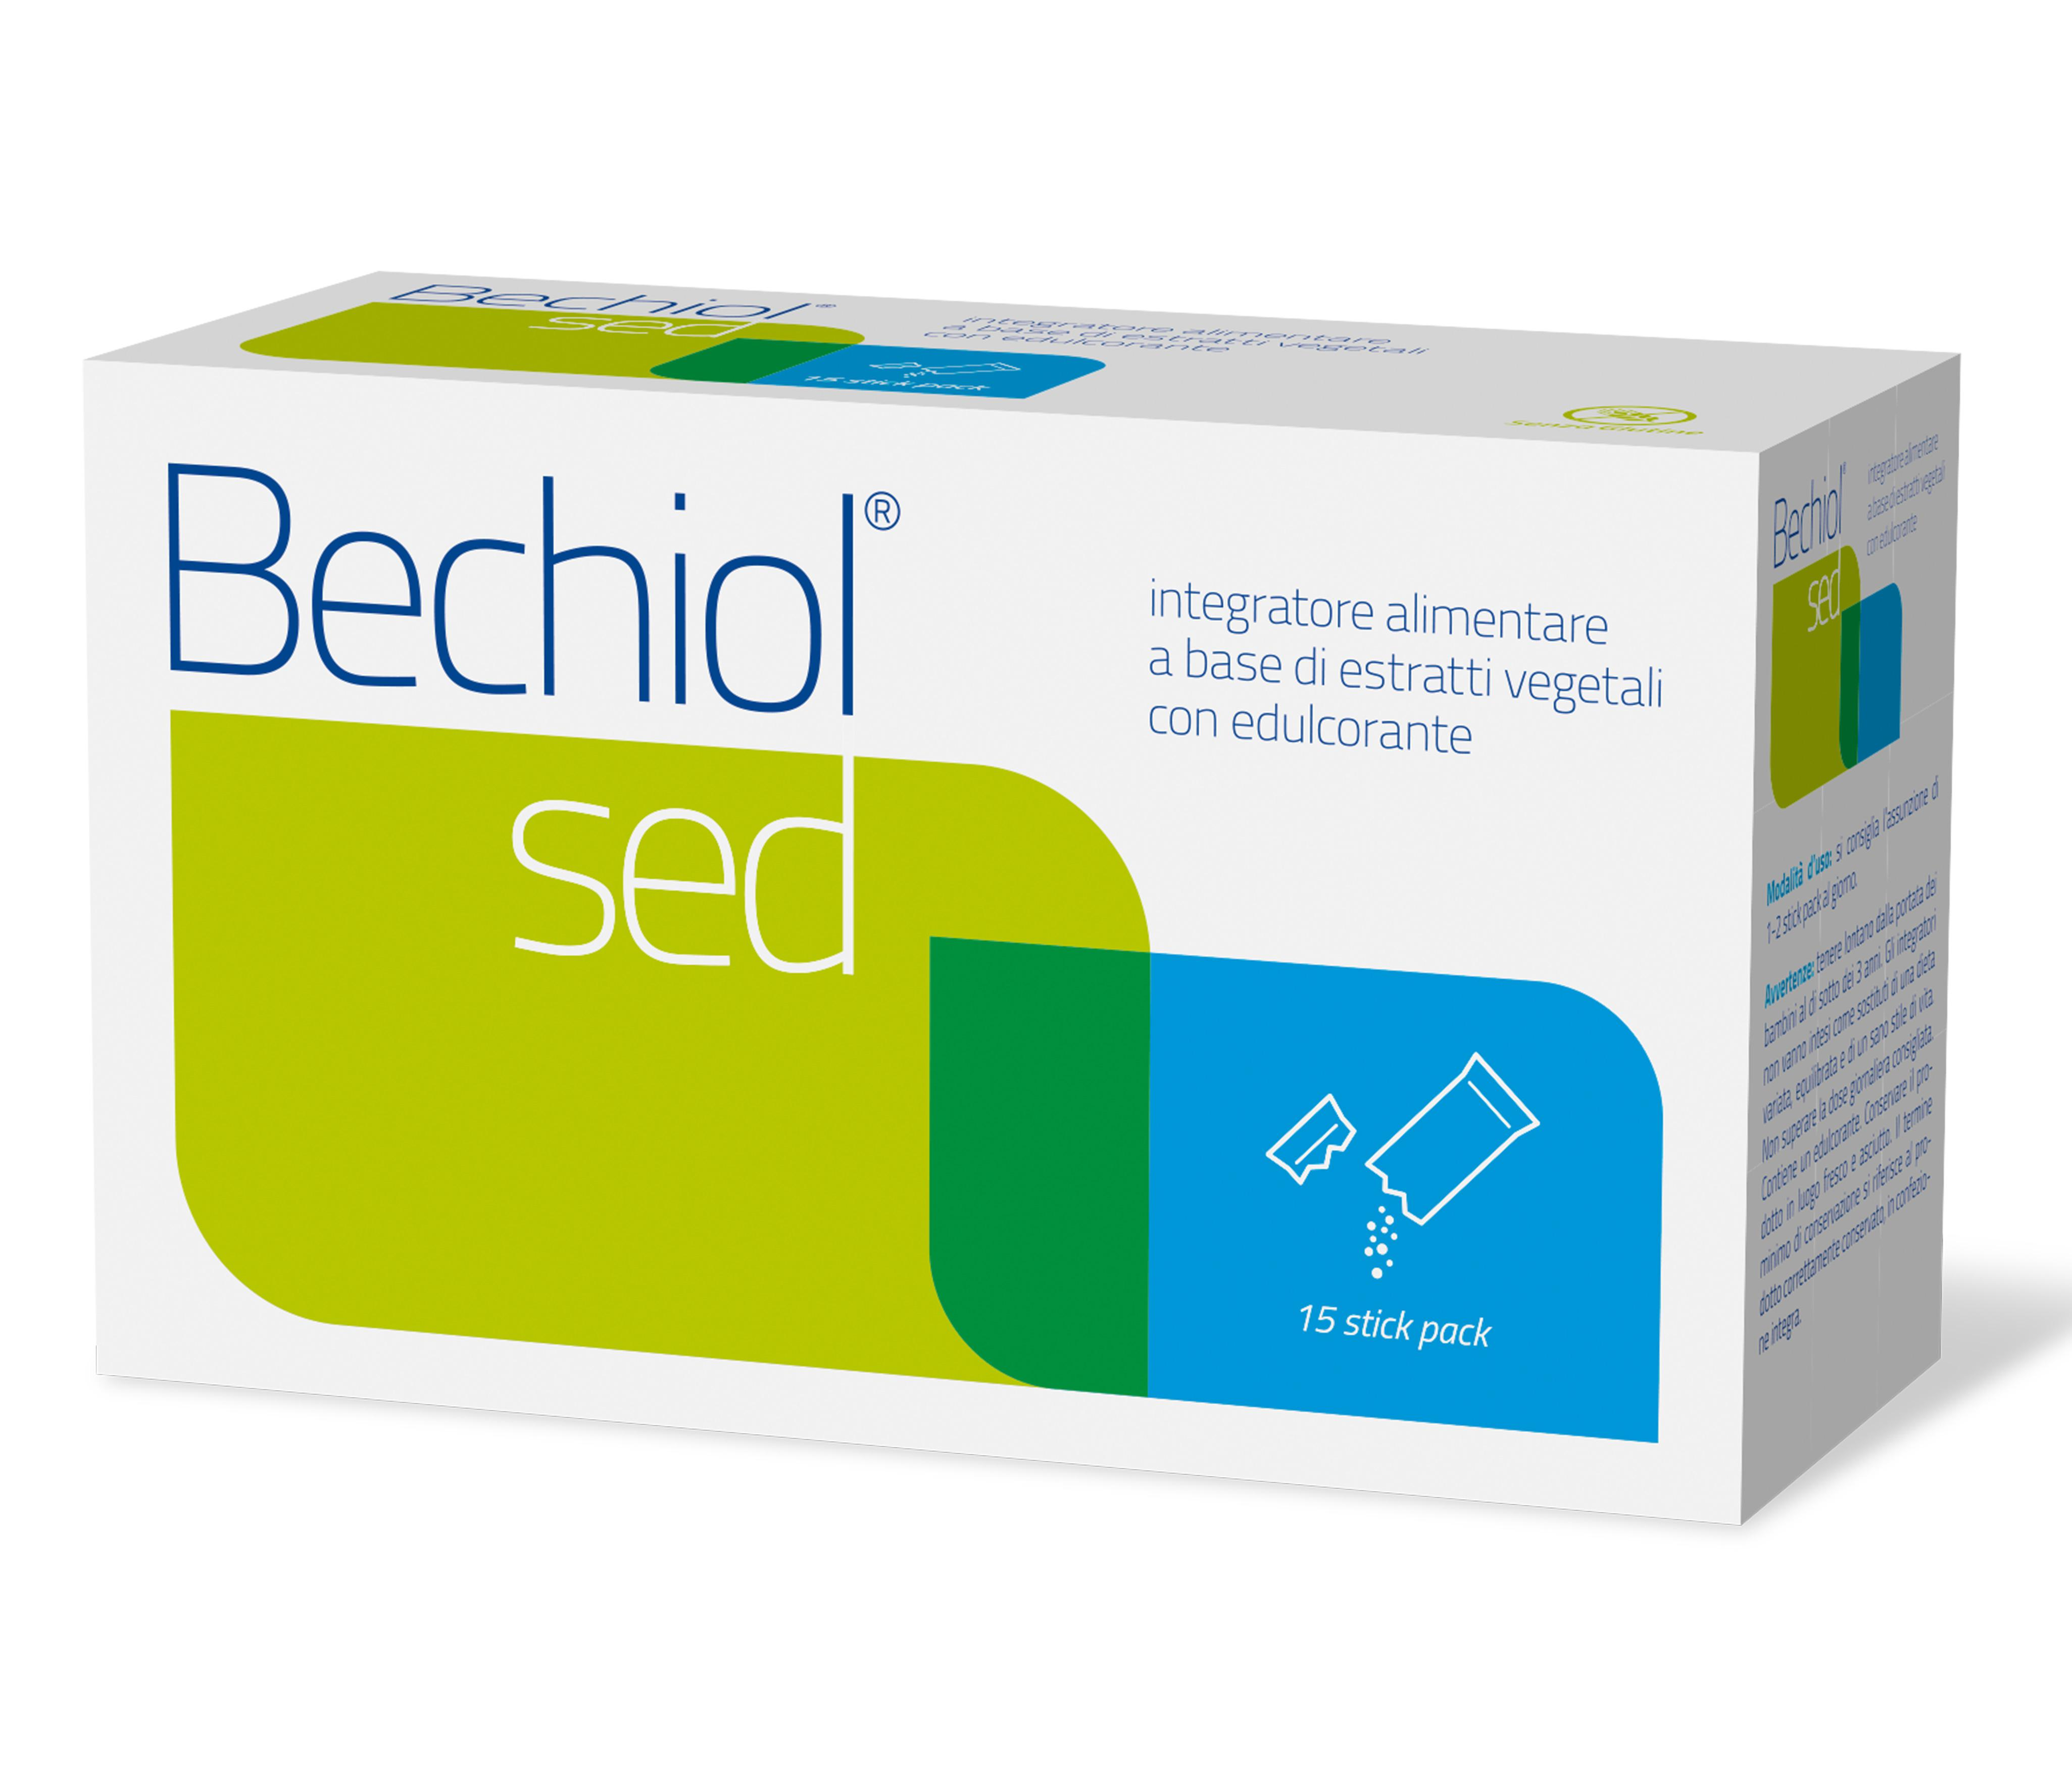 Bechiol Sed